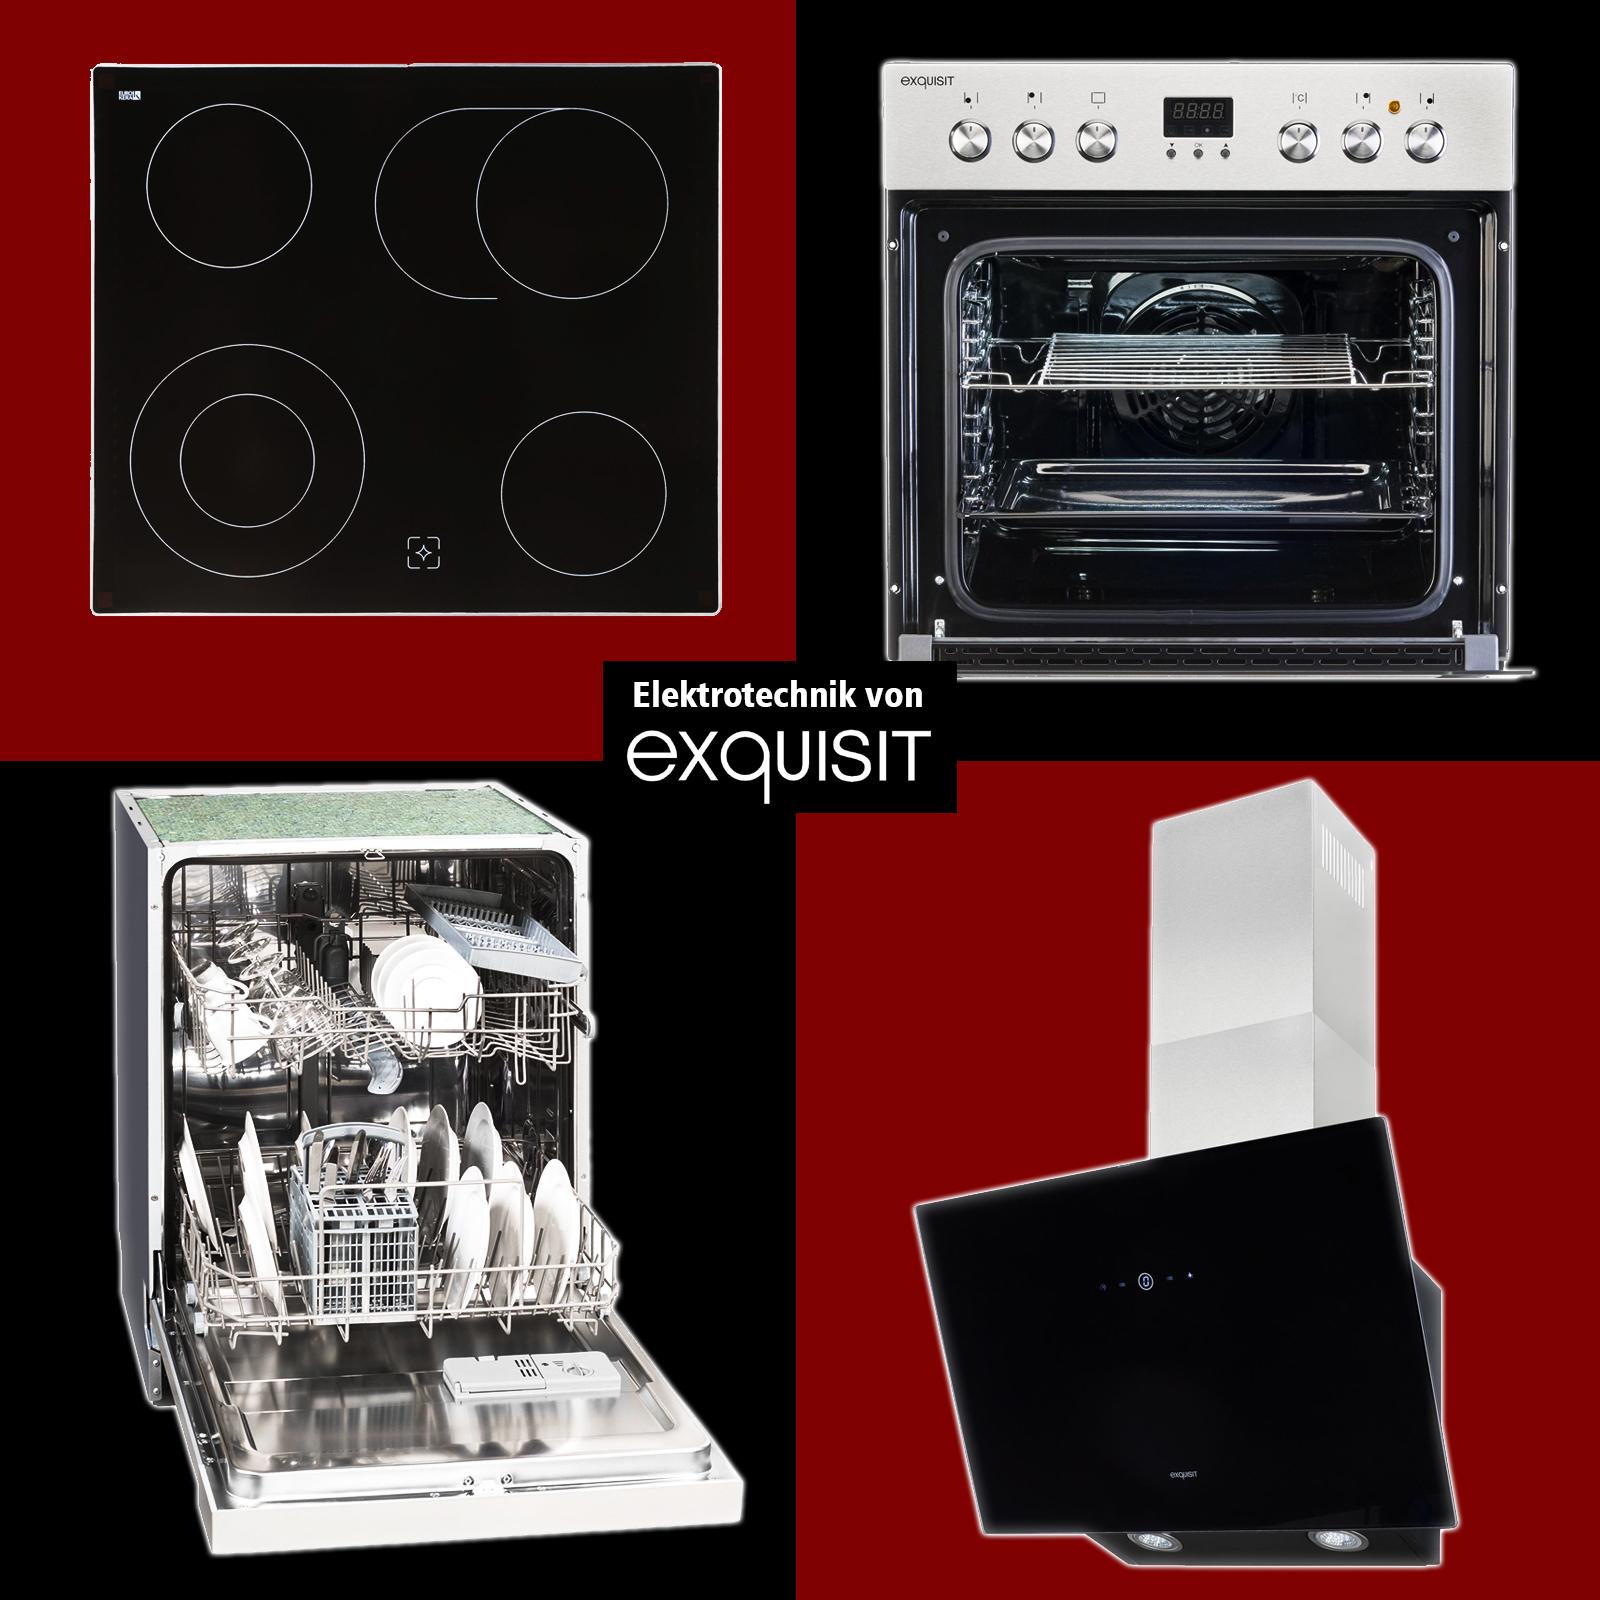 Full Size of Kleine Komplettküche Willhaben Komplettküche Komplettküche Mit Geräten Günstig Komplettküche Angebot Küche Komplettküche